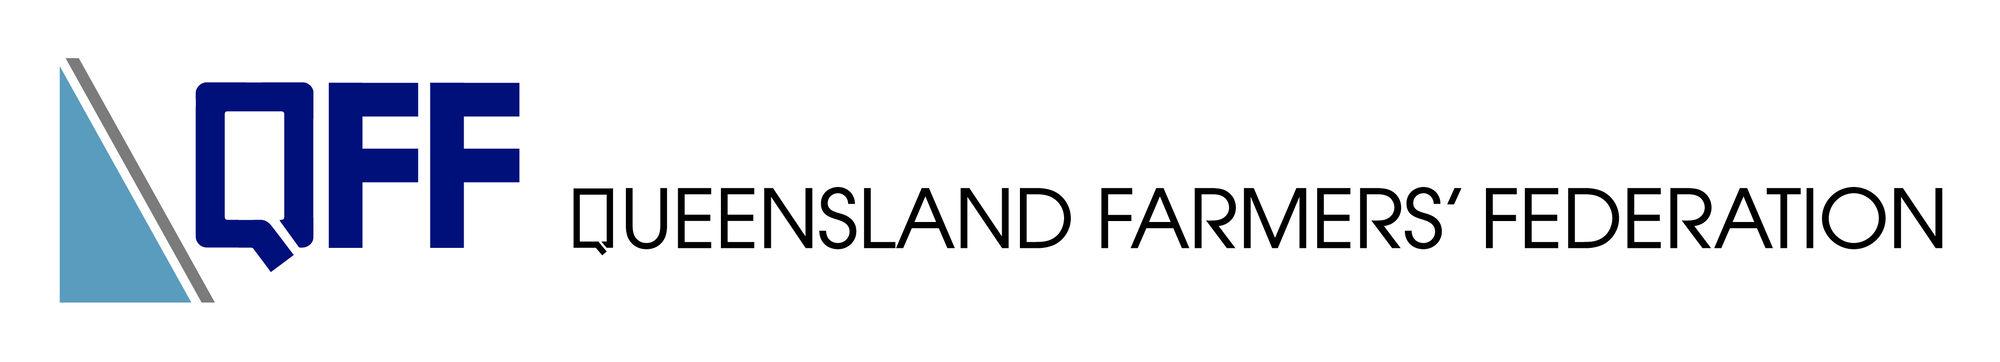 QFF Full logo 04-1-2016-01